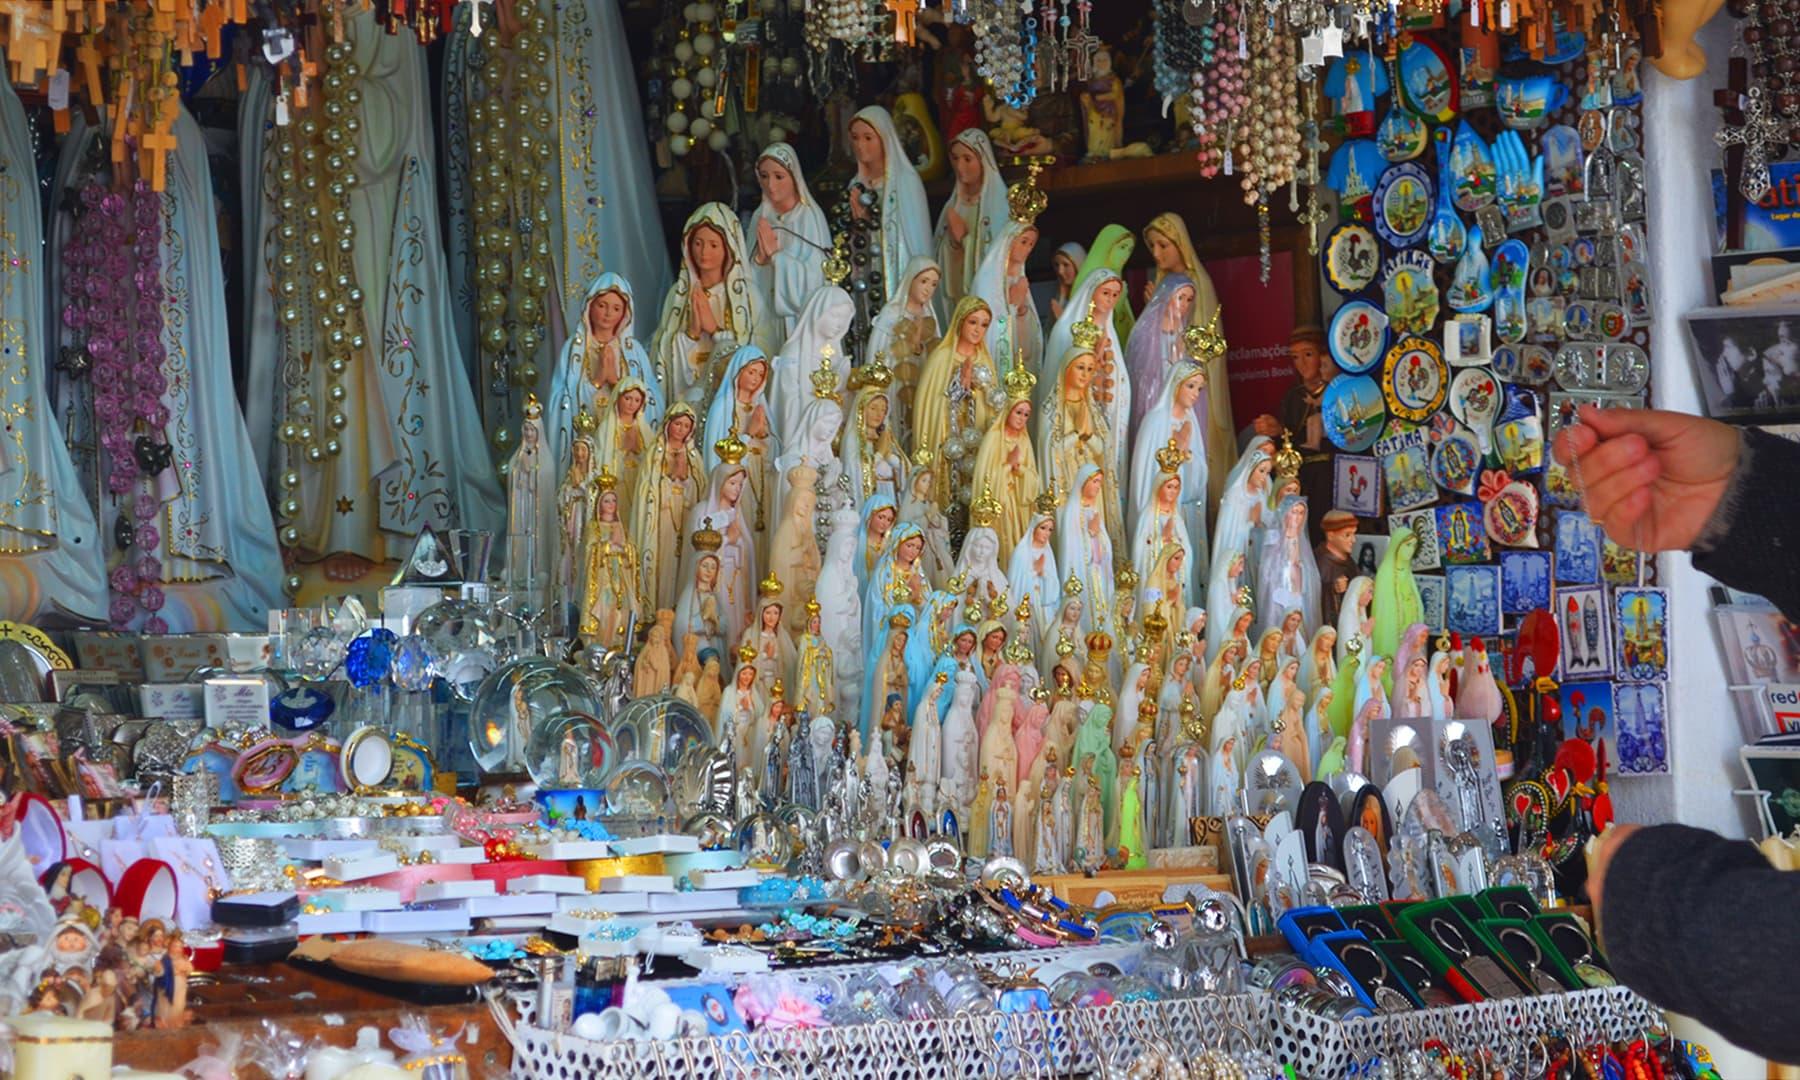 شہر فاطمہ میں سووینیئرز، بی بی مریم علیہ السلام کے مجسمے، شوپیسز اور دیگر سامان کے اسٹالز باآسانی نظر آ جاتے ہیں — تصویر رمضان رفیق